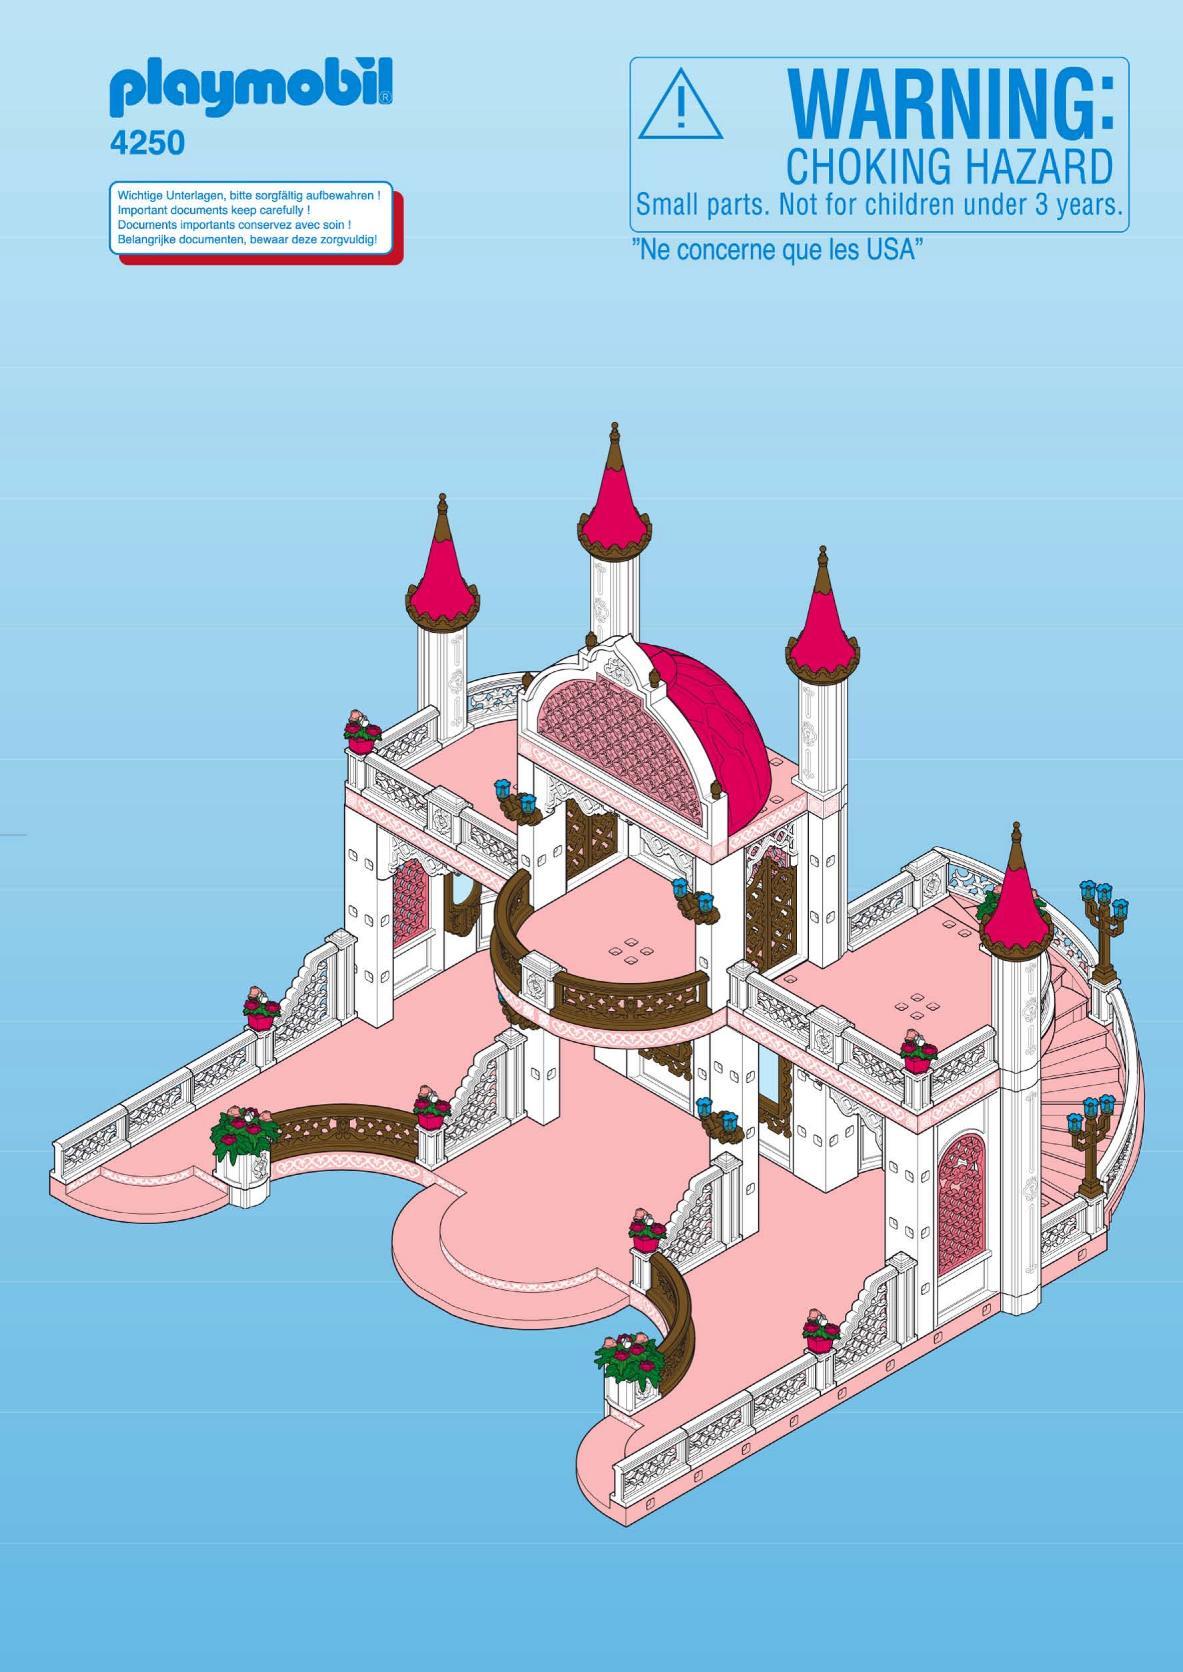 Le chateau de princesse playmobil - chateau u montellier